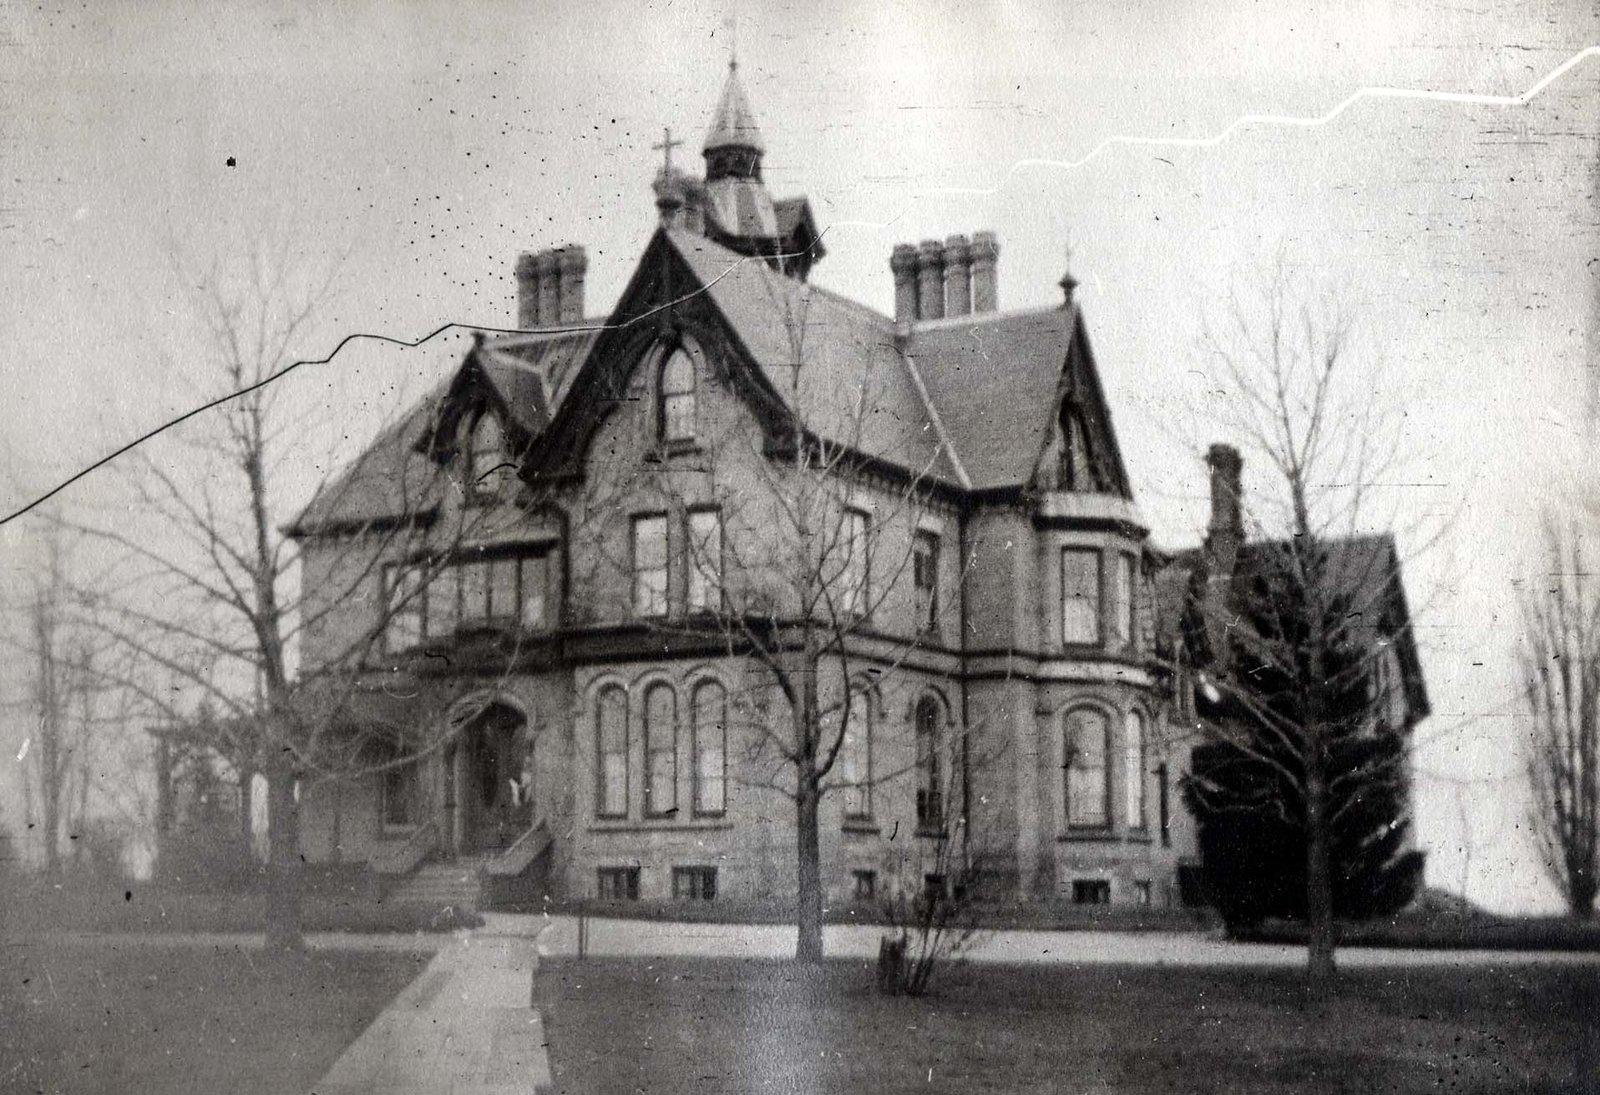 LH1093 Ellesmere Hall